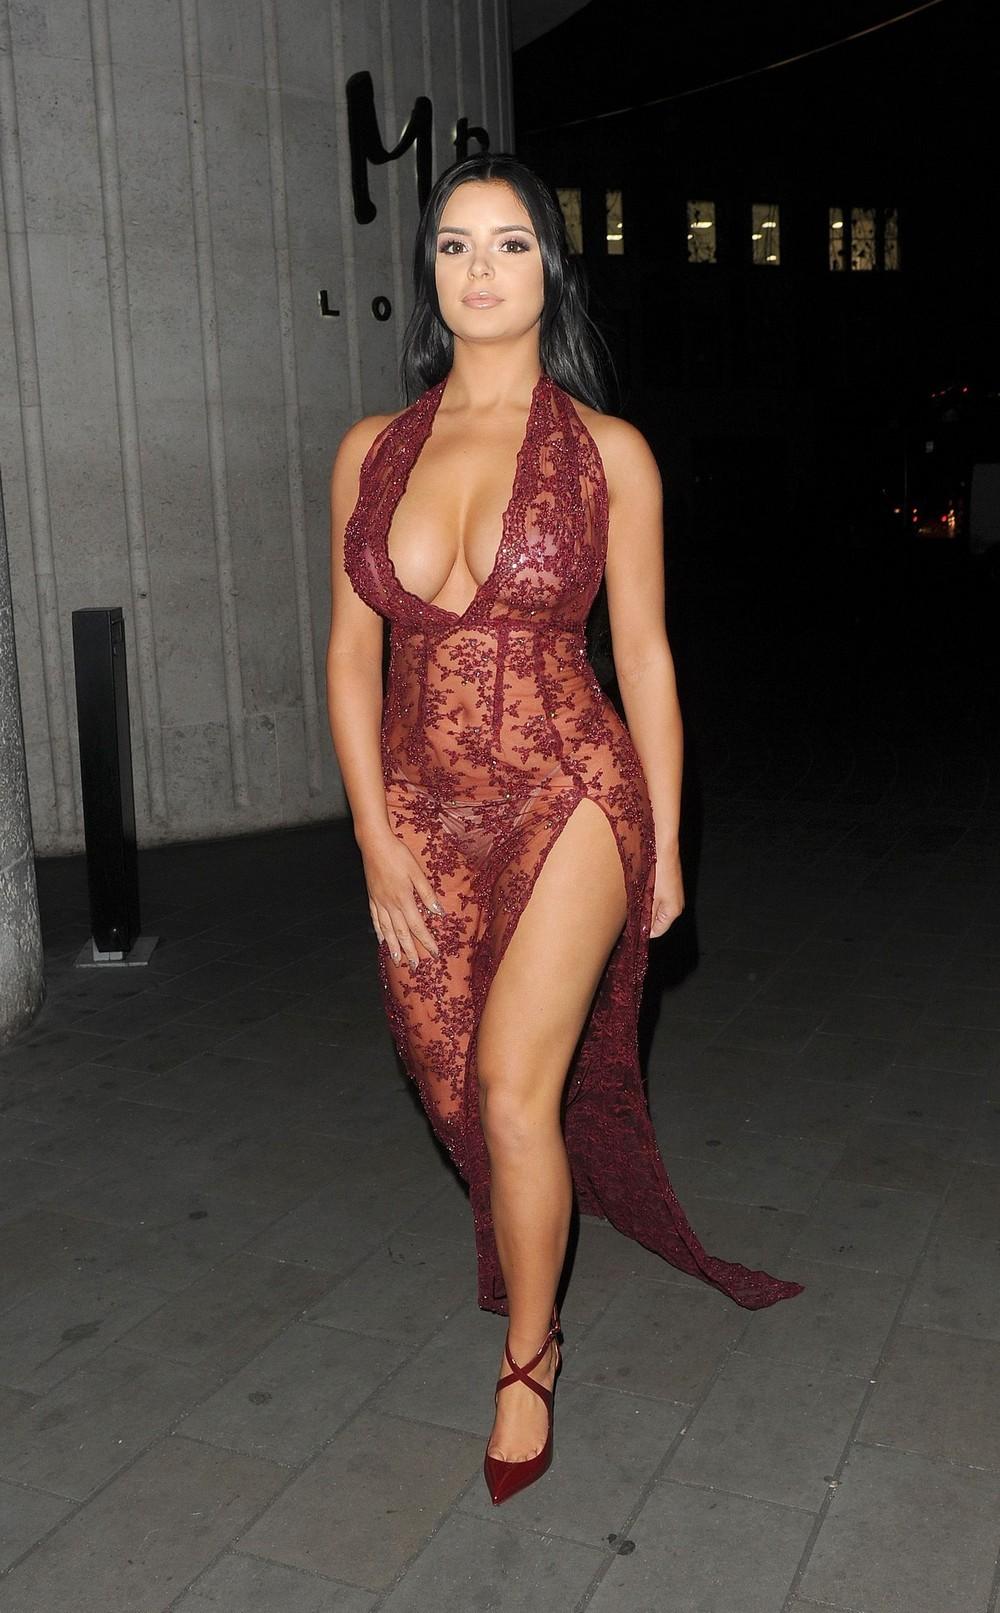 Красивая девушка в прозрачном платье